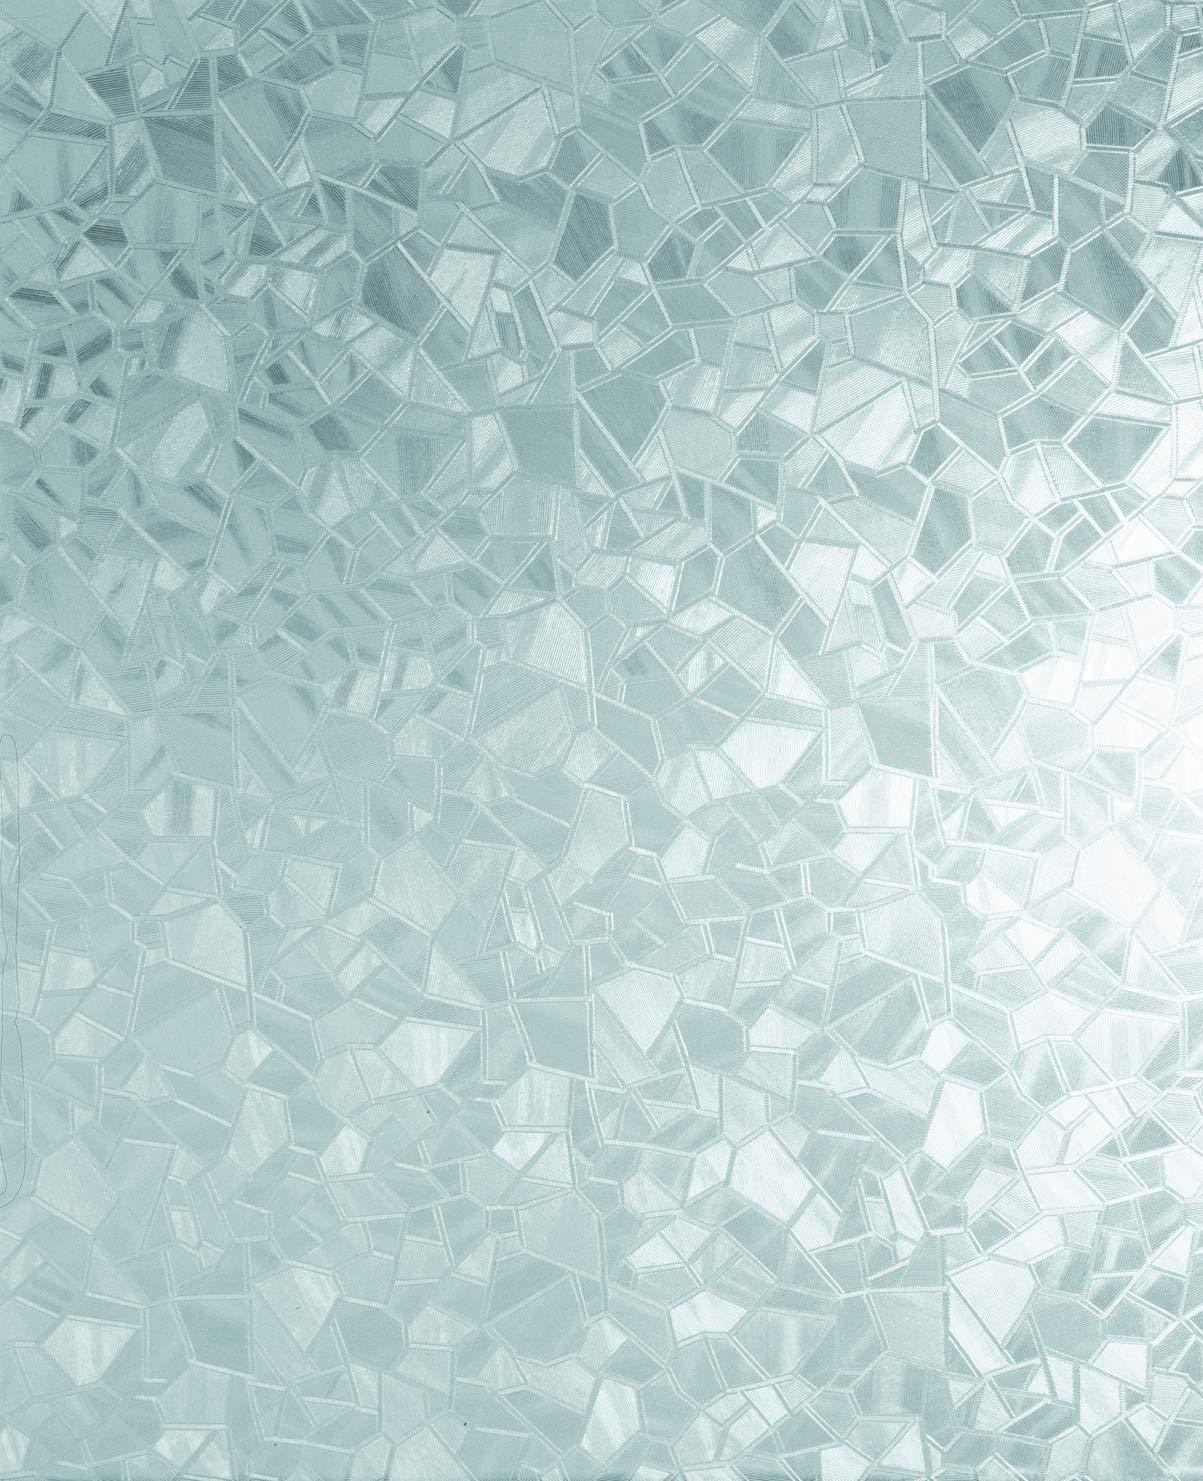 Splinter 2-Pack 17 x 78 Roll d-c-fix 346-0166-2PK Self-Adhesive Privacy Glass Window Film